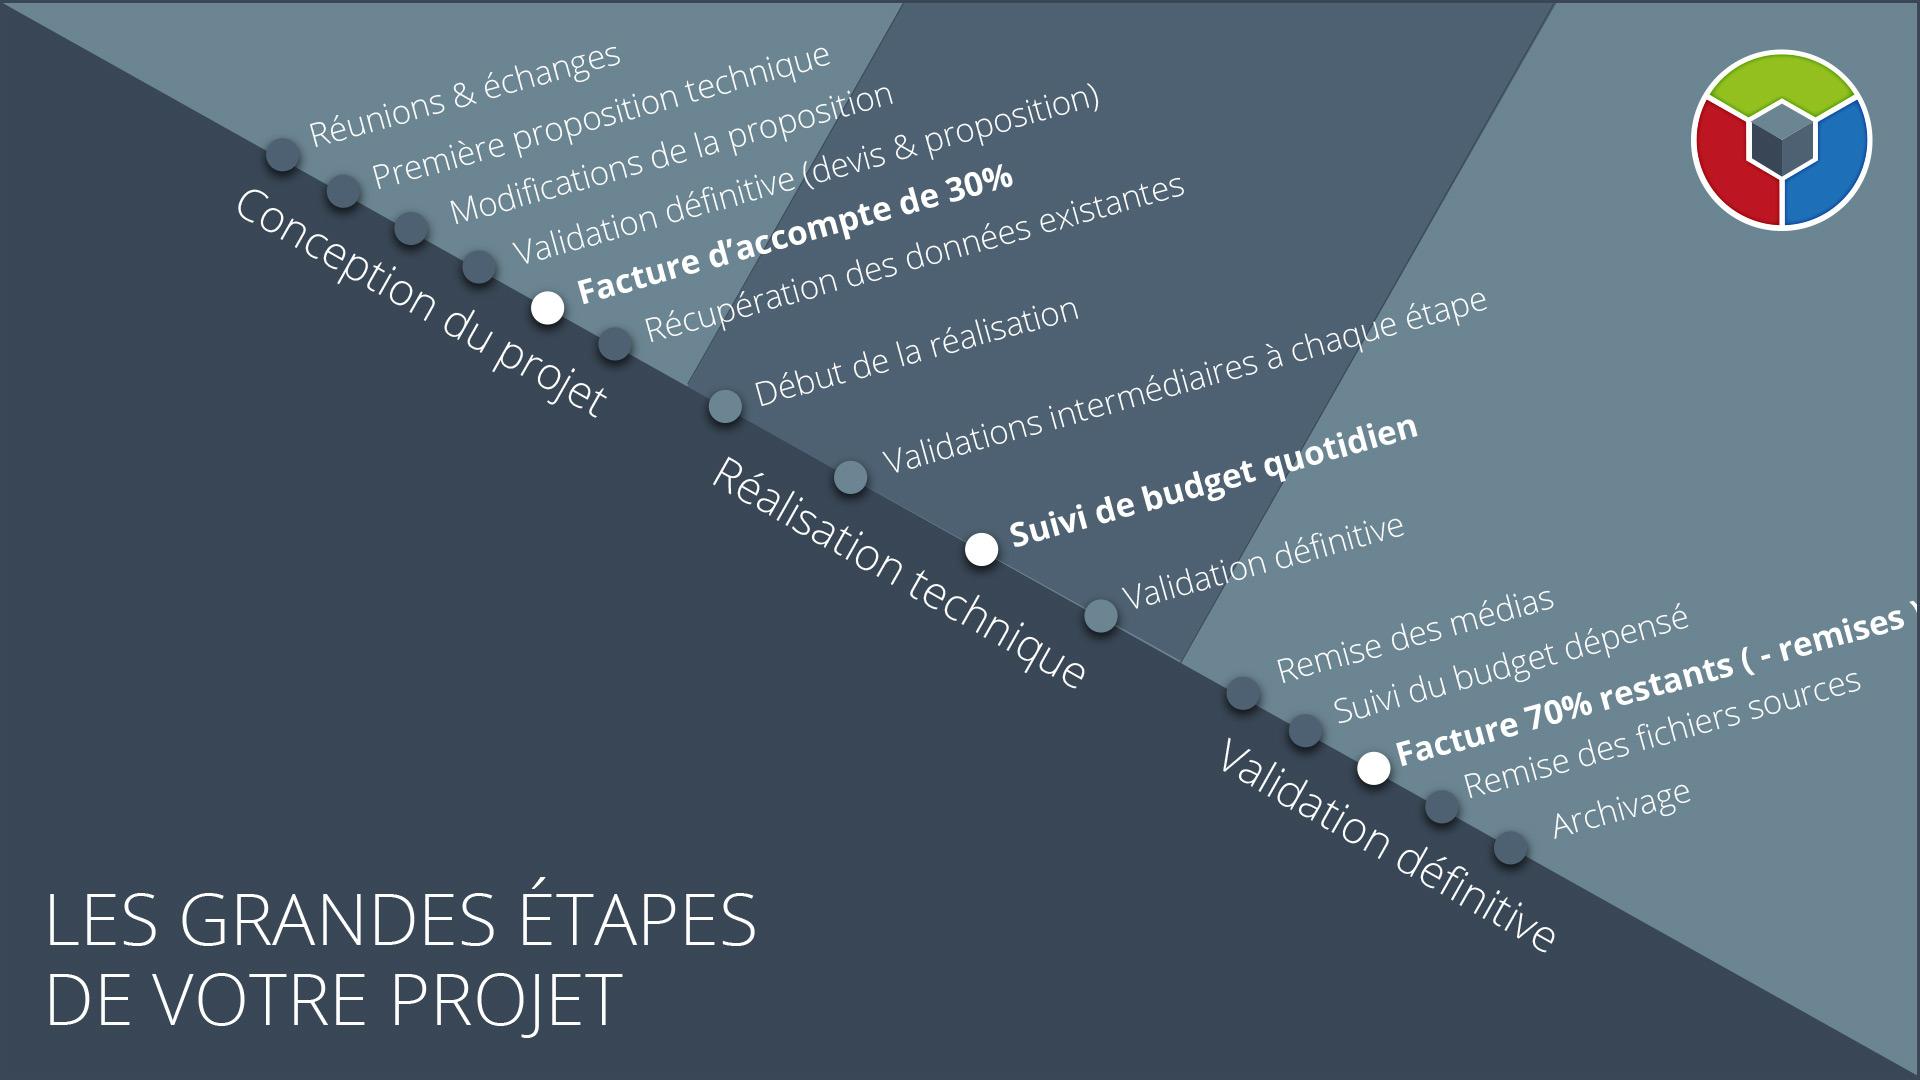 Tarifs - Facturation - Le Graphiste 3D